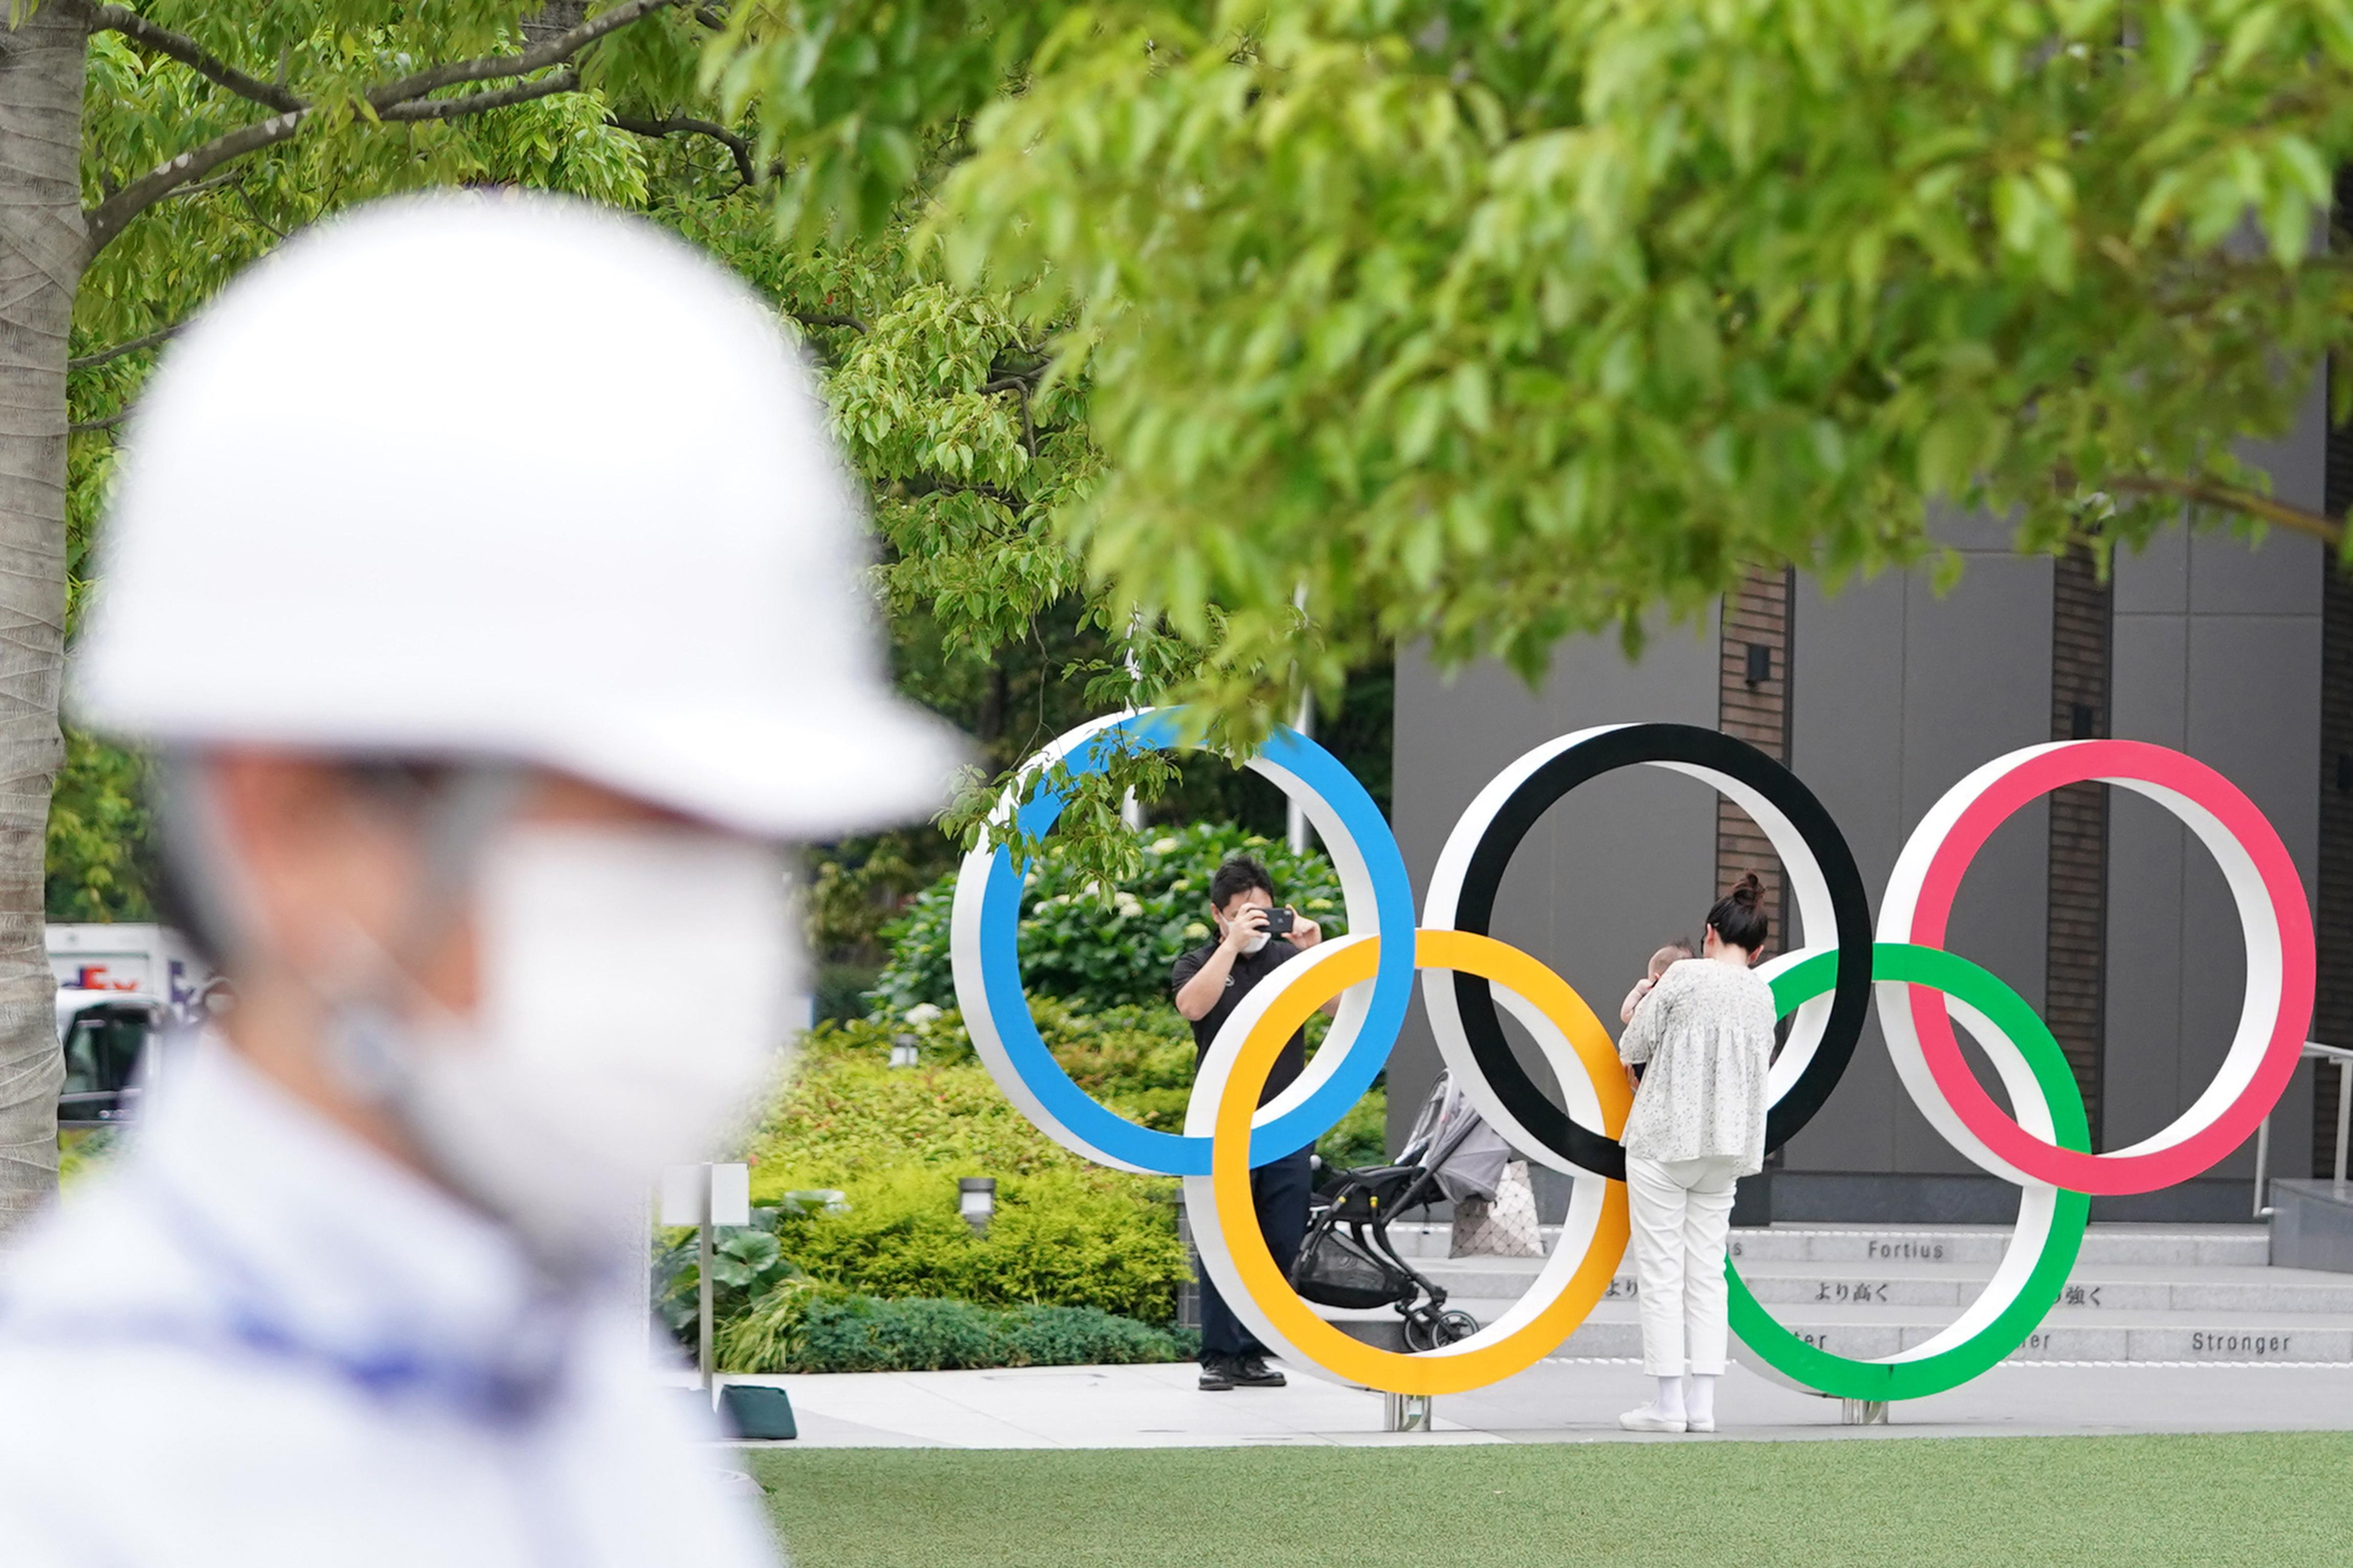 10 ezren mondtak fel a tokiói olimpia önkéntesei közül